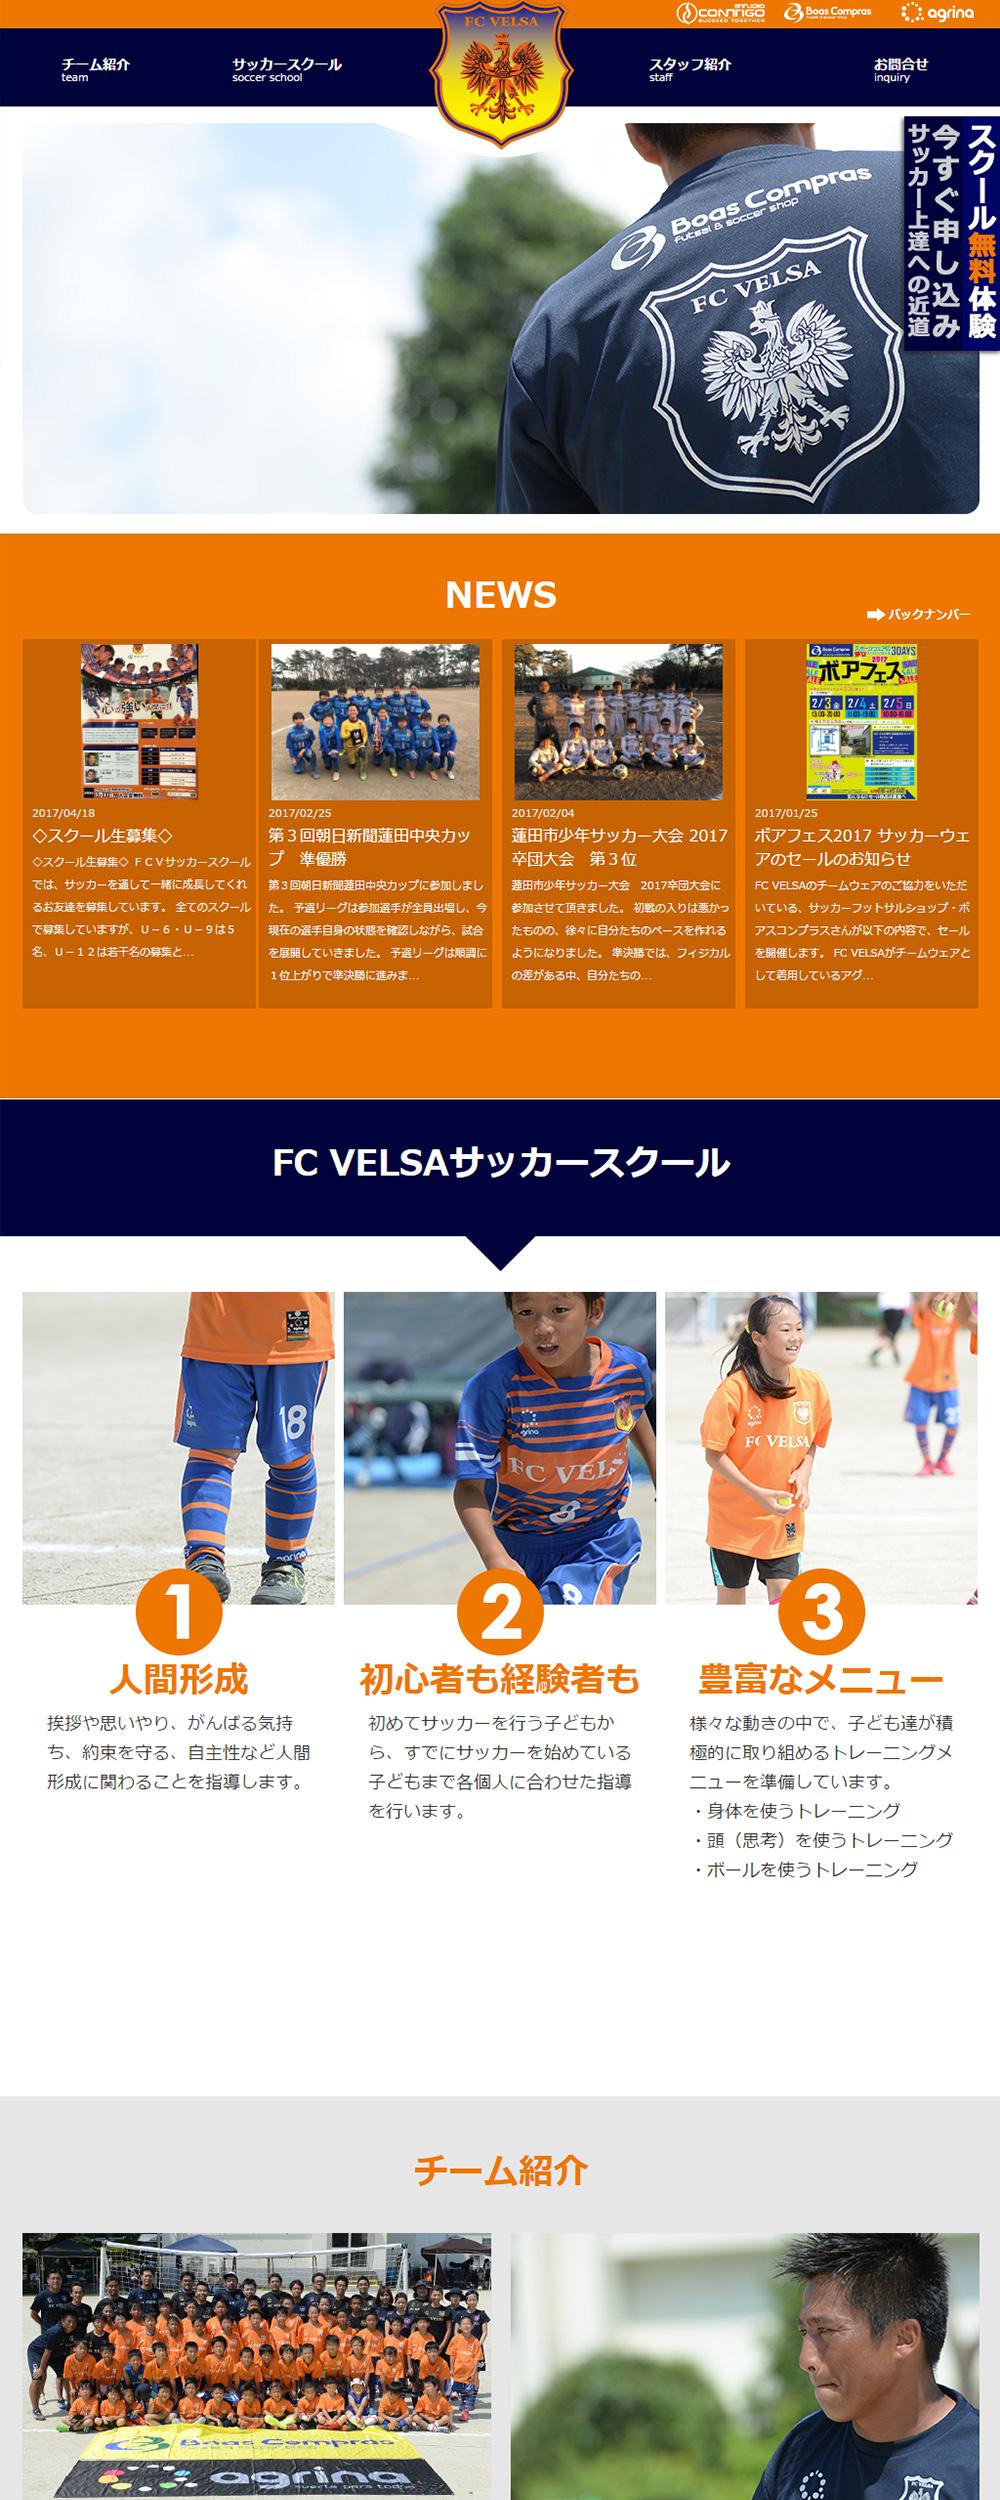 FC VELSA少年サッカースクール